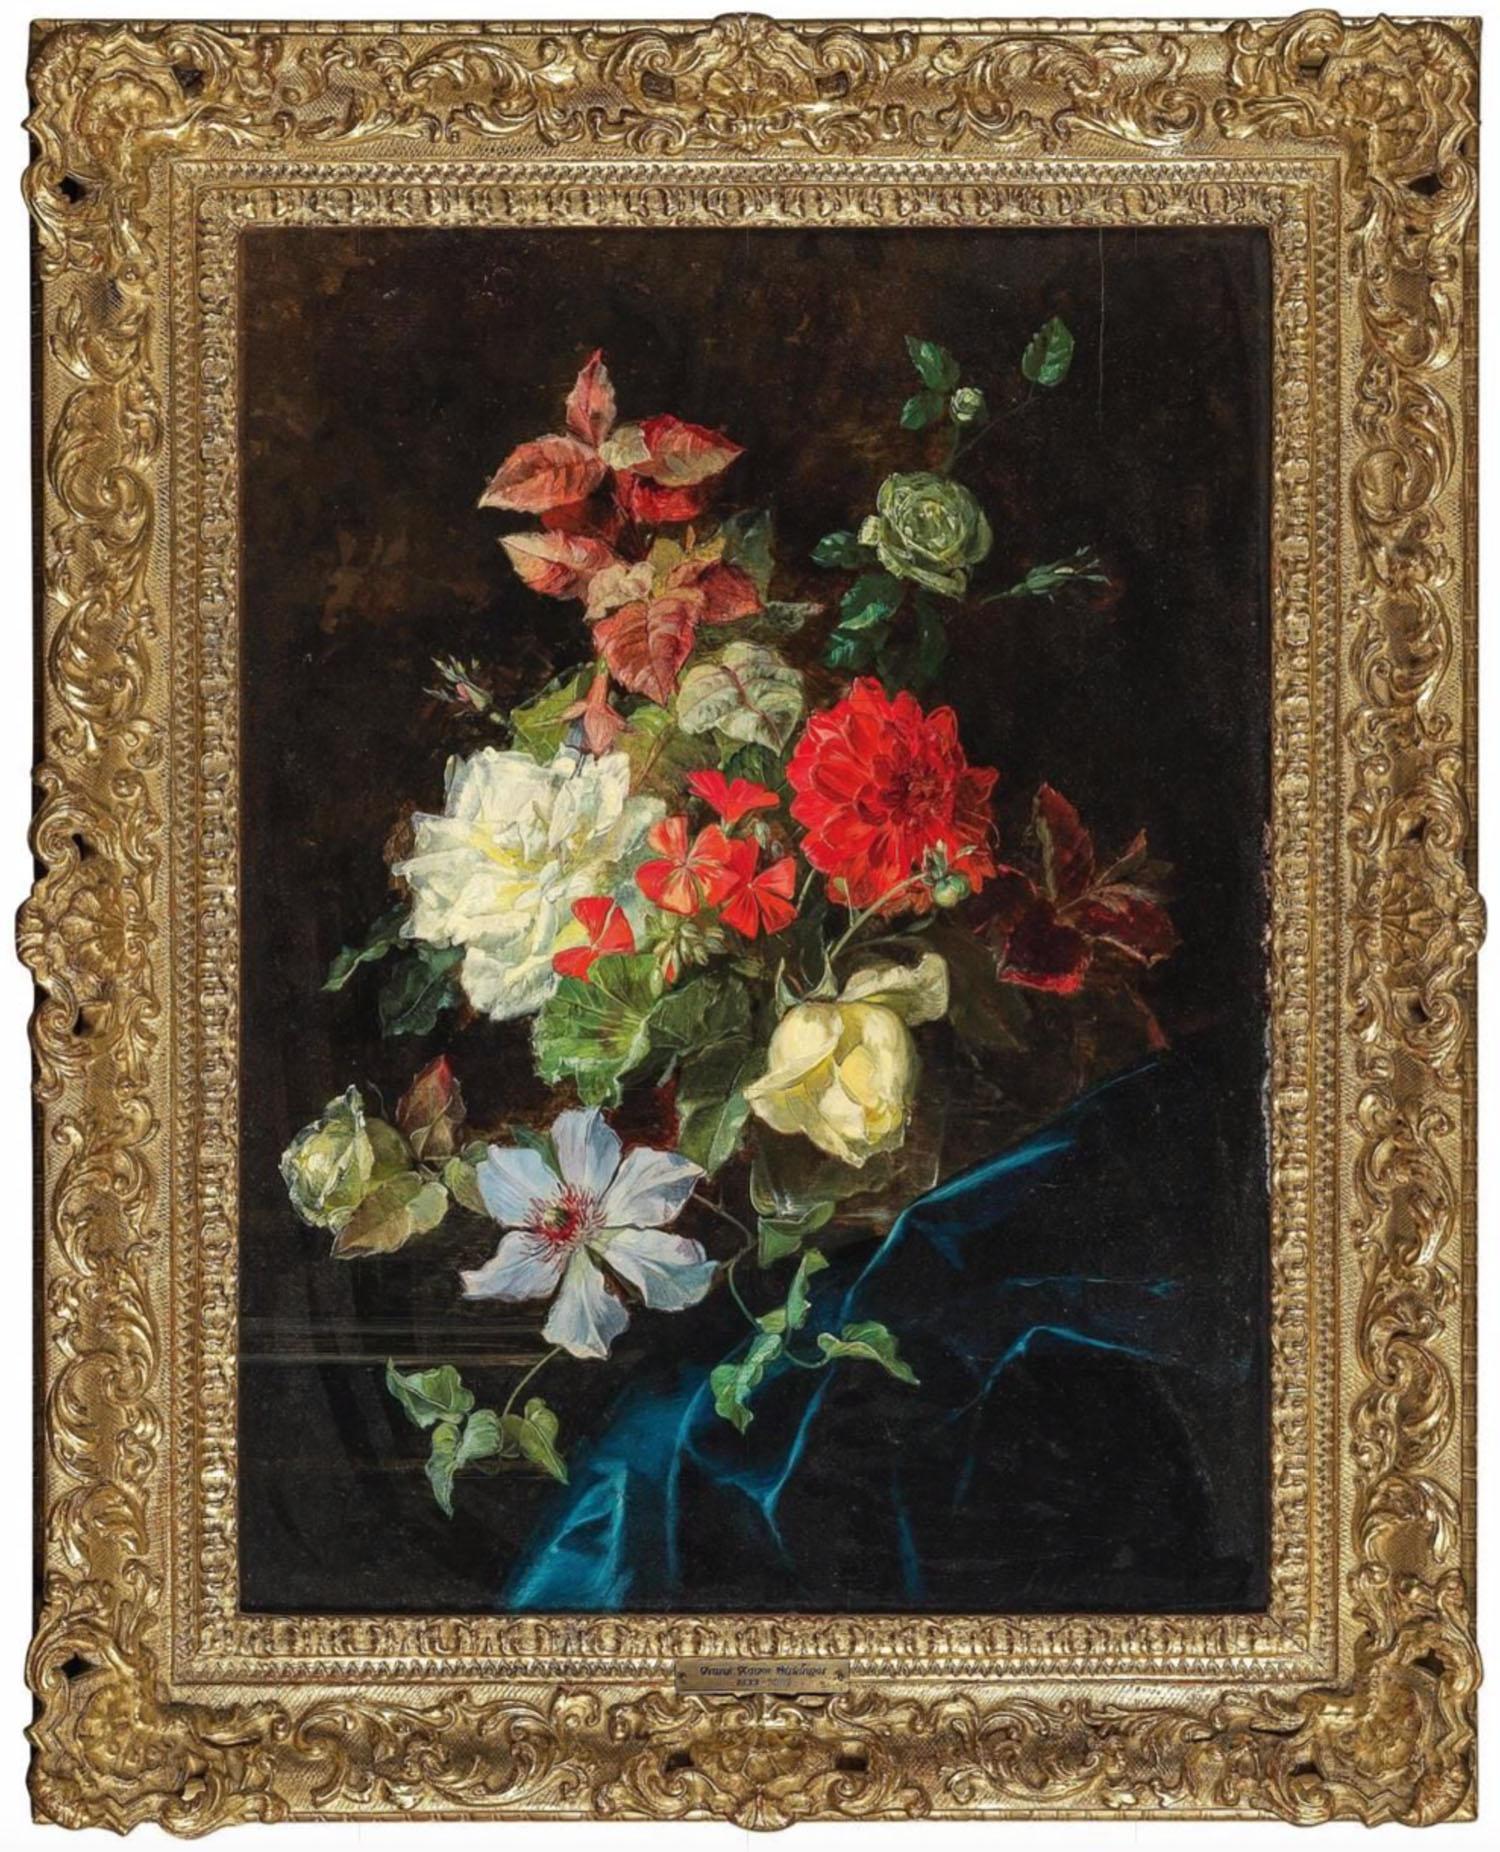 Franz Xaver Birkinger(Augsburg 1822-1906 Wien), Blumenstück mit Rosen und Clematis, Öl auf Holz, 56 x 42 cm, Startpreis €2.000